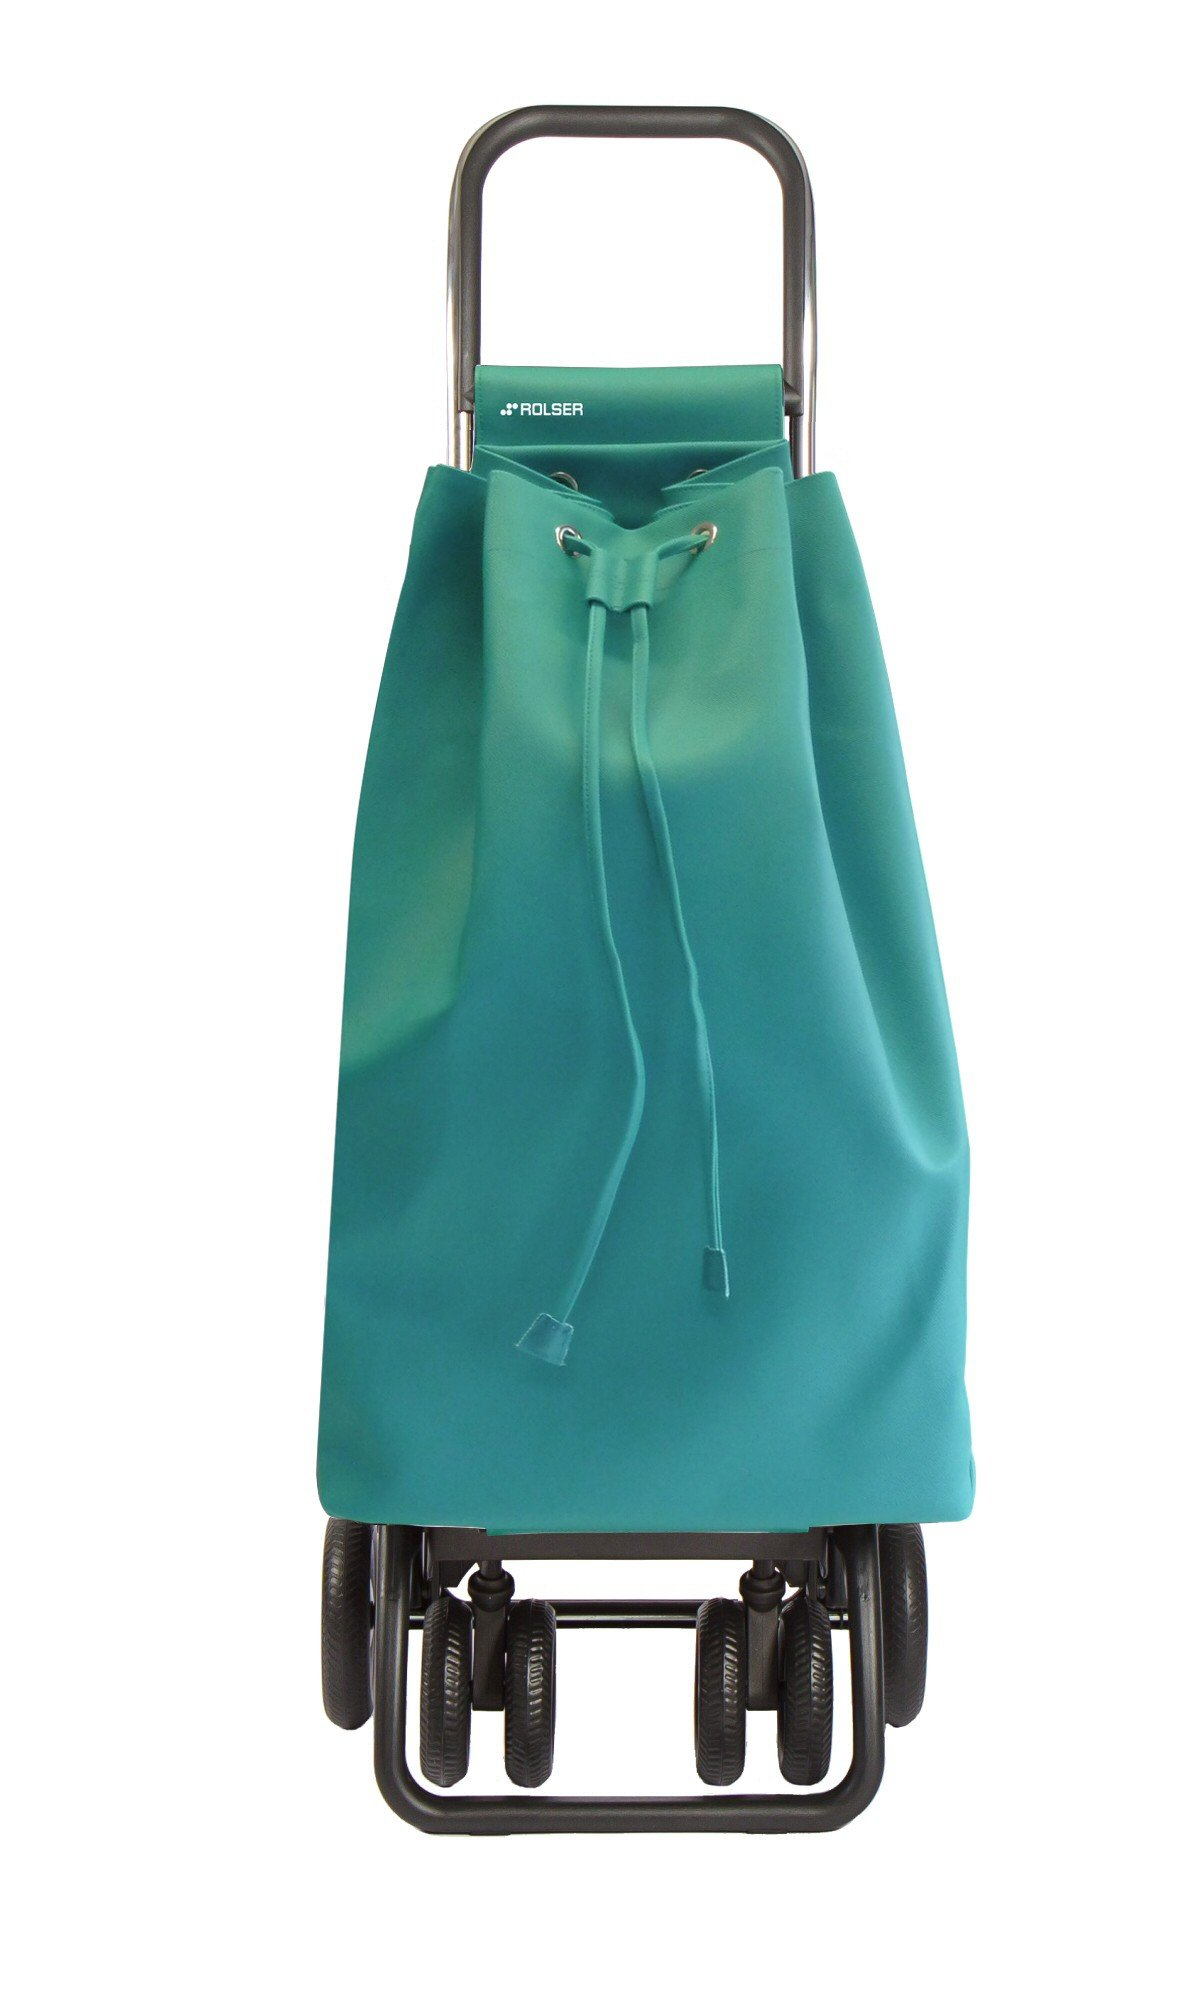 Składany i pchany wózek na zakupy Rolser Logic Tour Ecomaku